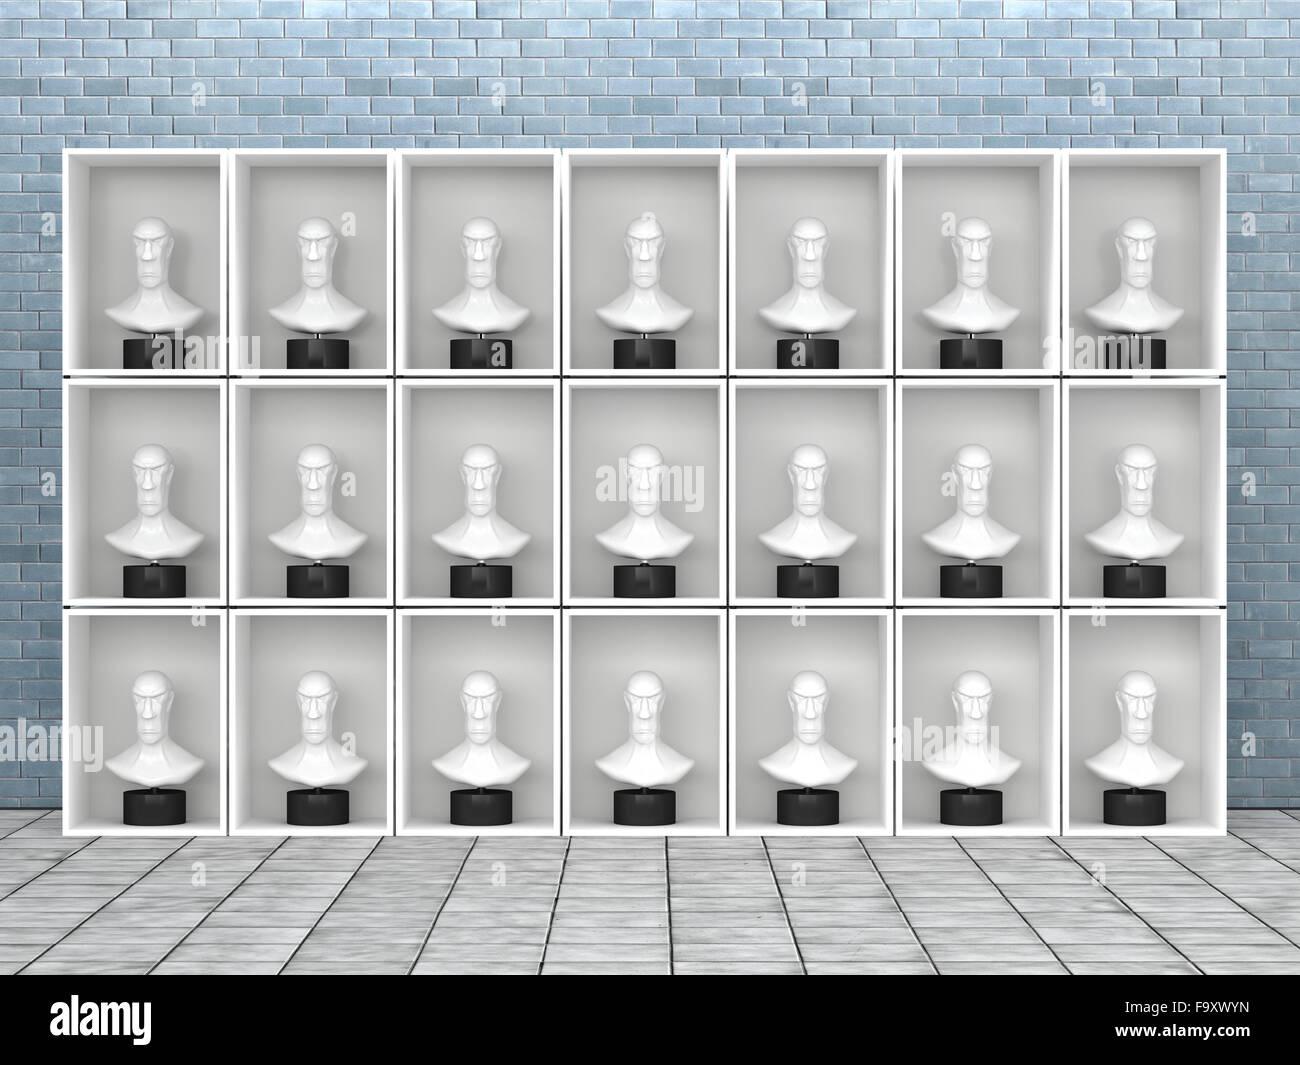 Bustos idénticos en el estante, 3D Rendering Imagen De Stock